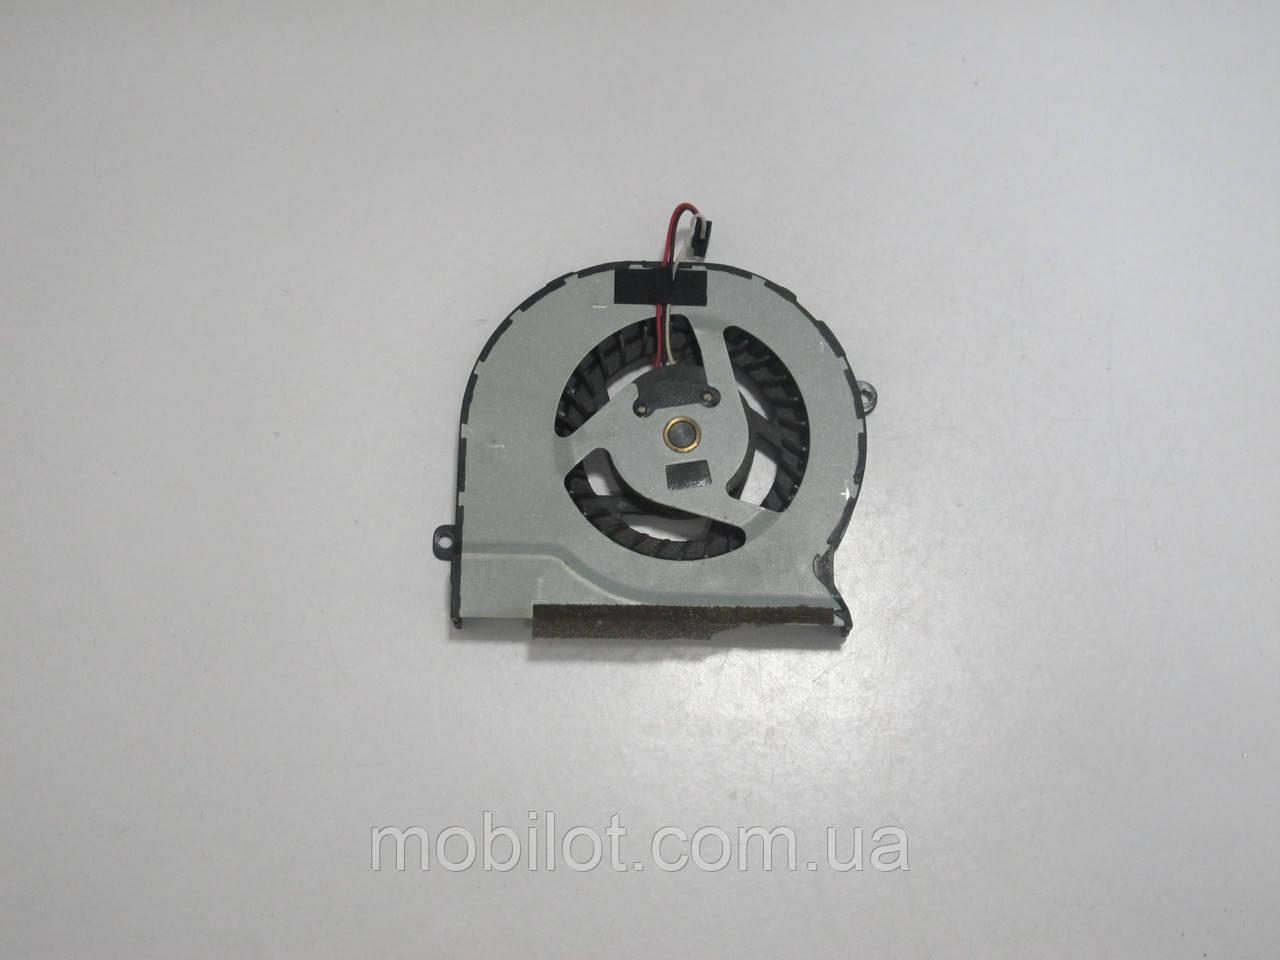 Система охлаждения (кулер) Samsung NP300E5C (NZ-5849)